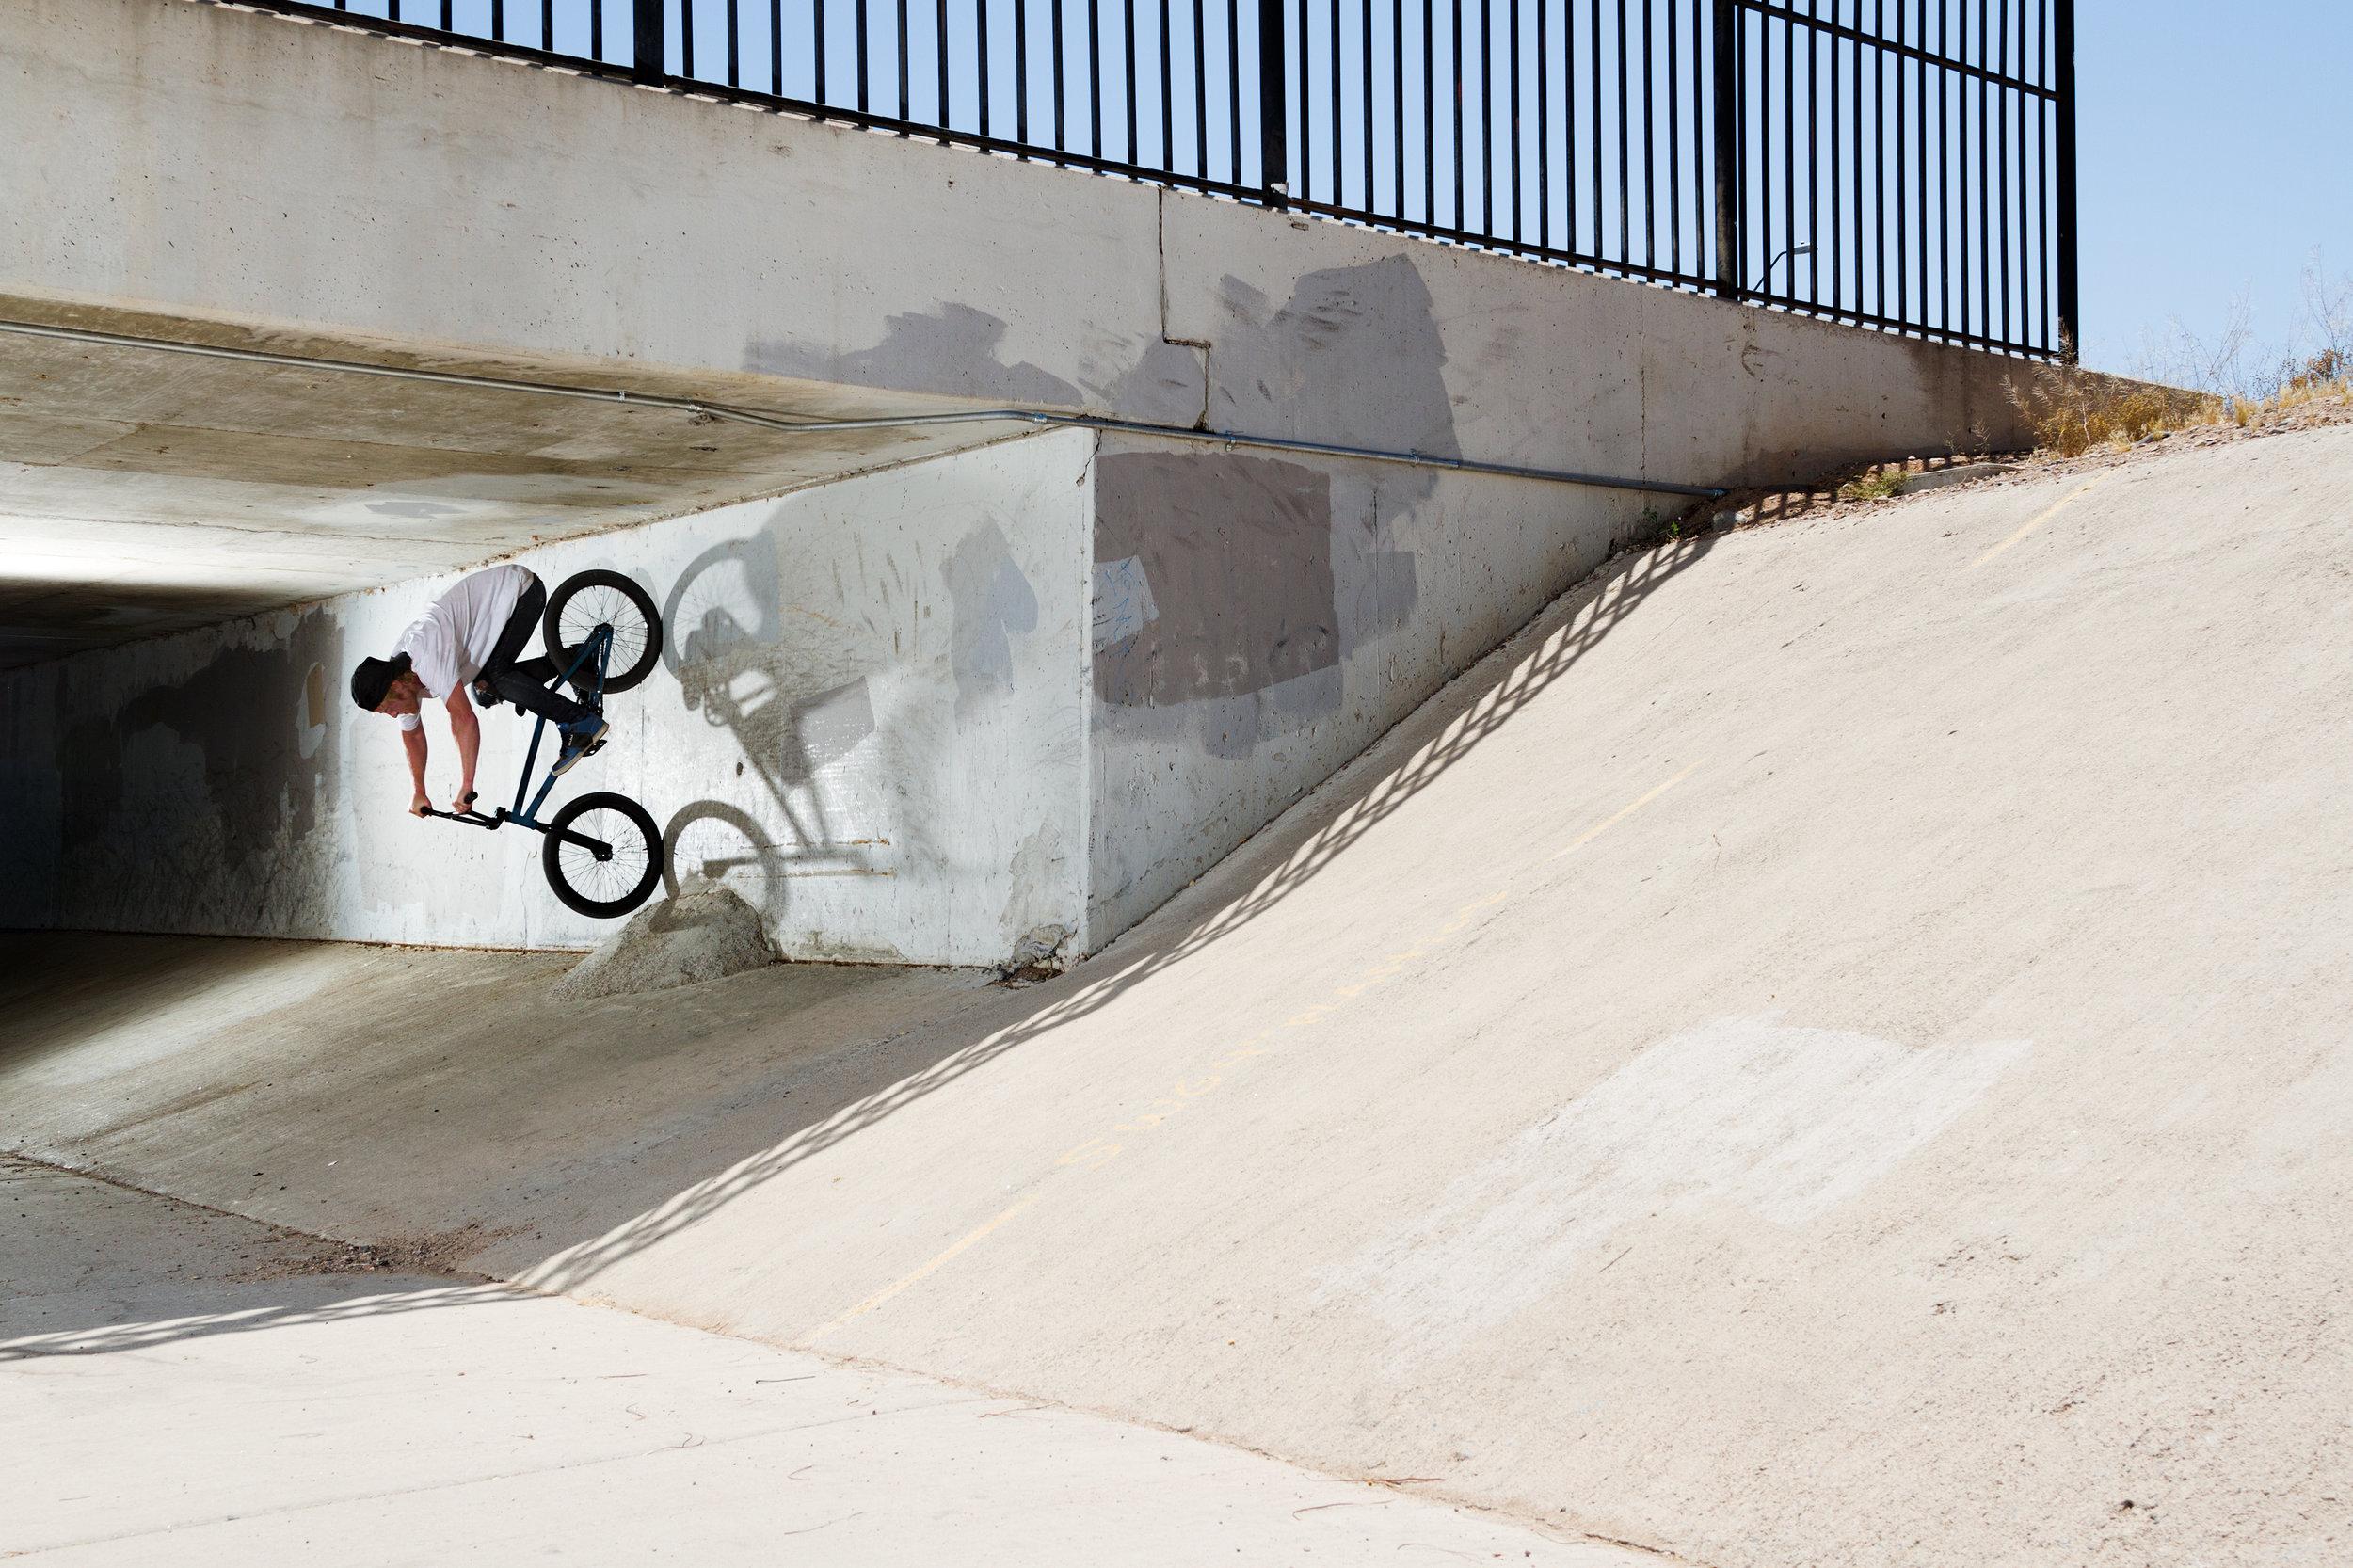 Josh-Eilken-BMX-Ruben-Wallride-Devin-Feil.jpg